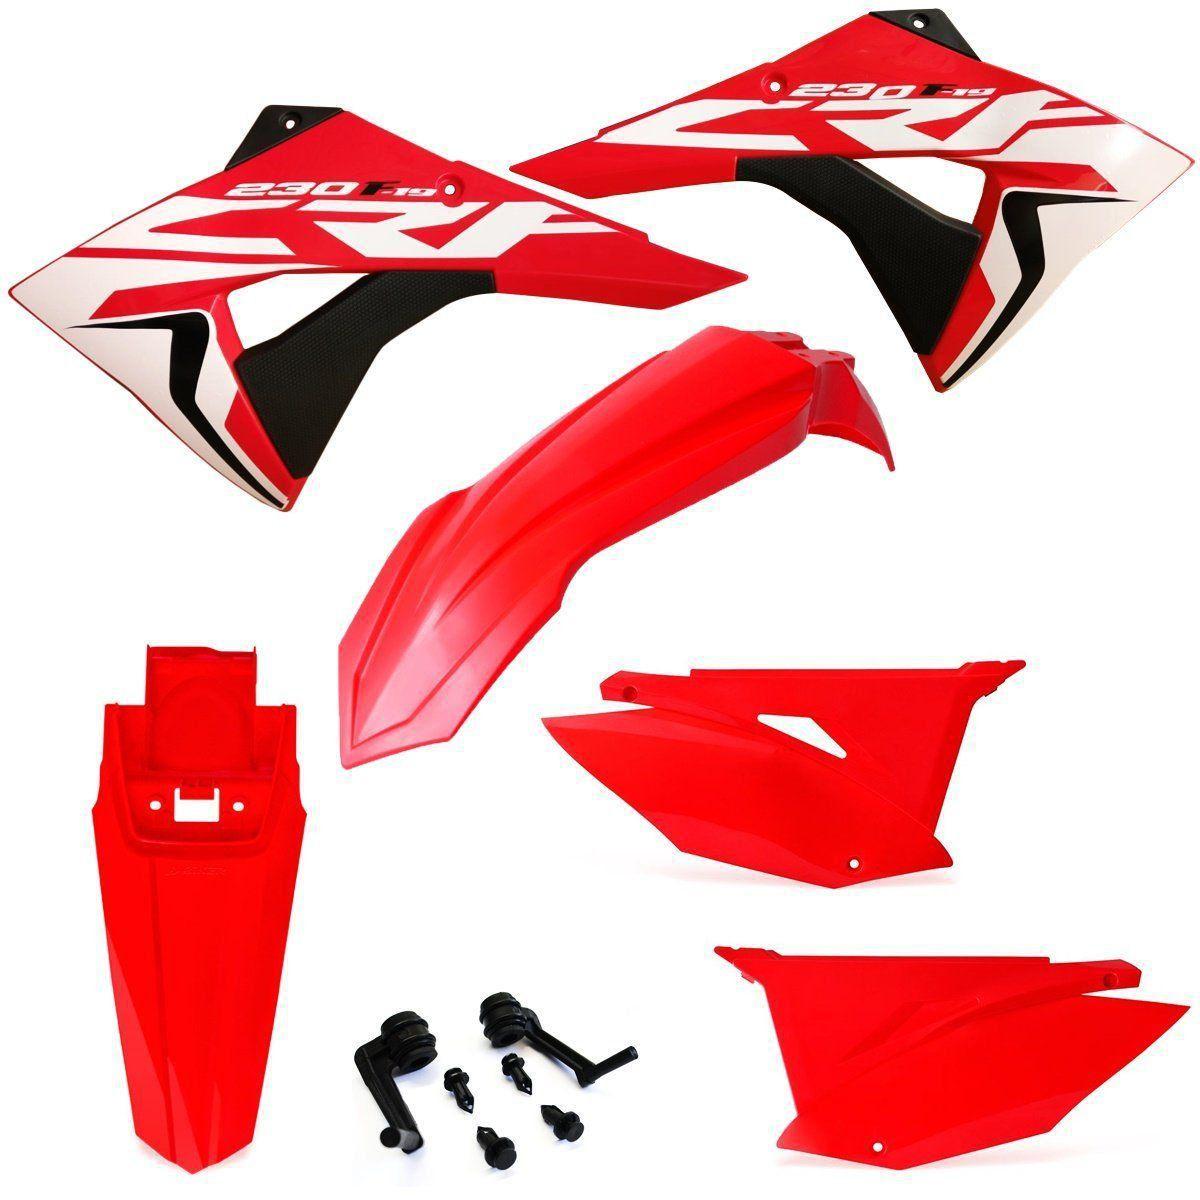 Kit Plástico Crf 230 Biker Elite Com Adesivos El1te